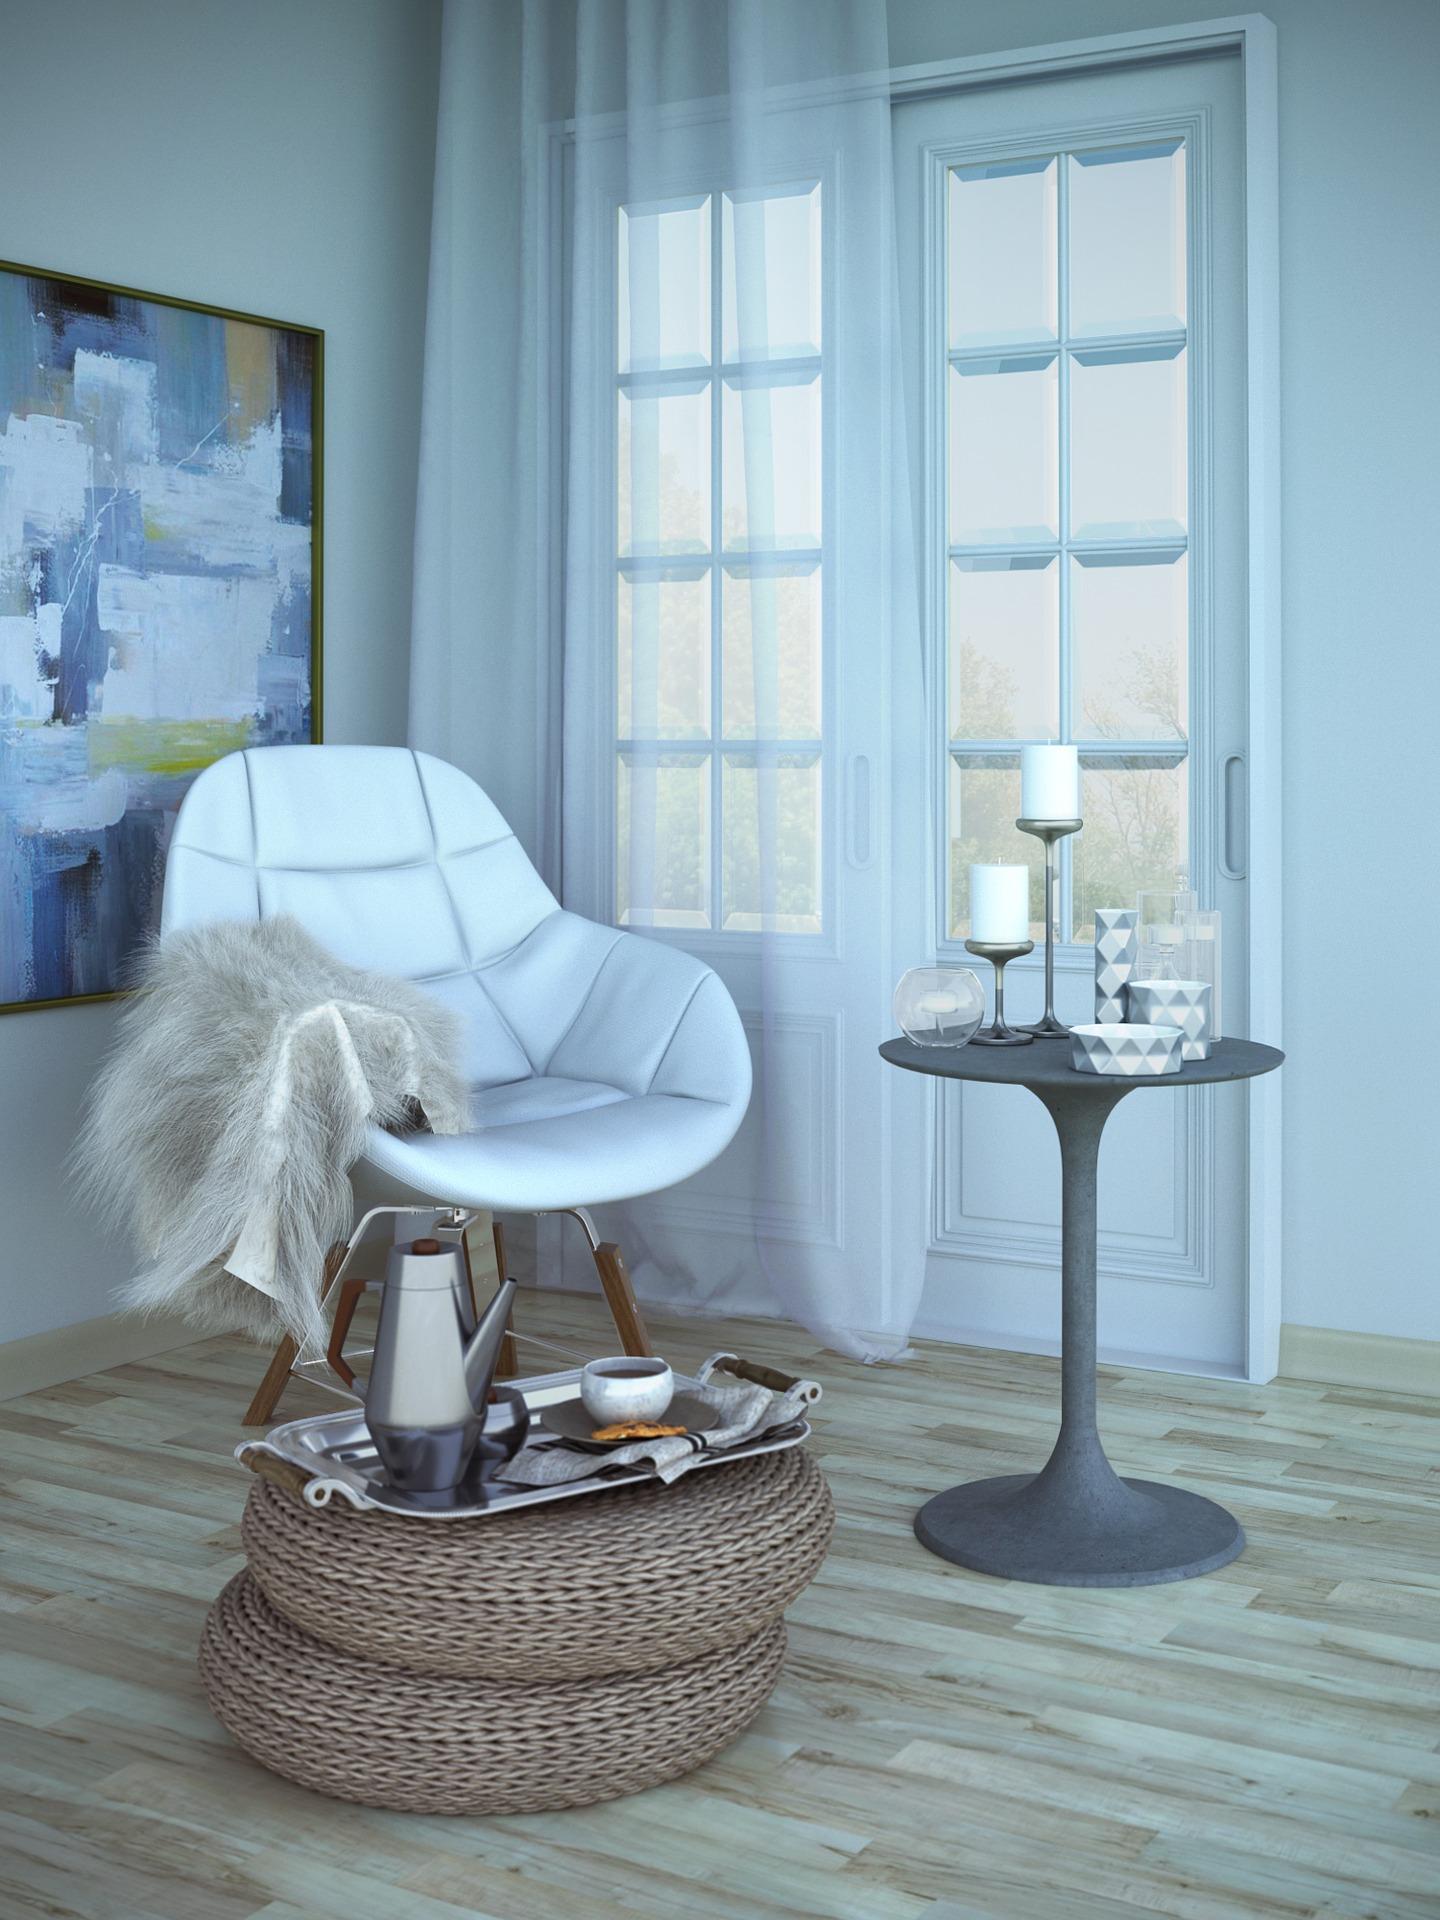 Blog Consejos Para Comprar Muebles Y Art Culos De Decoraci N Online # Muebles Num Decoracion